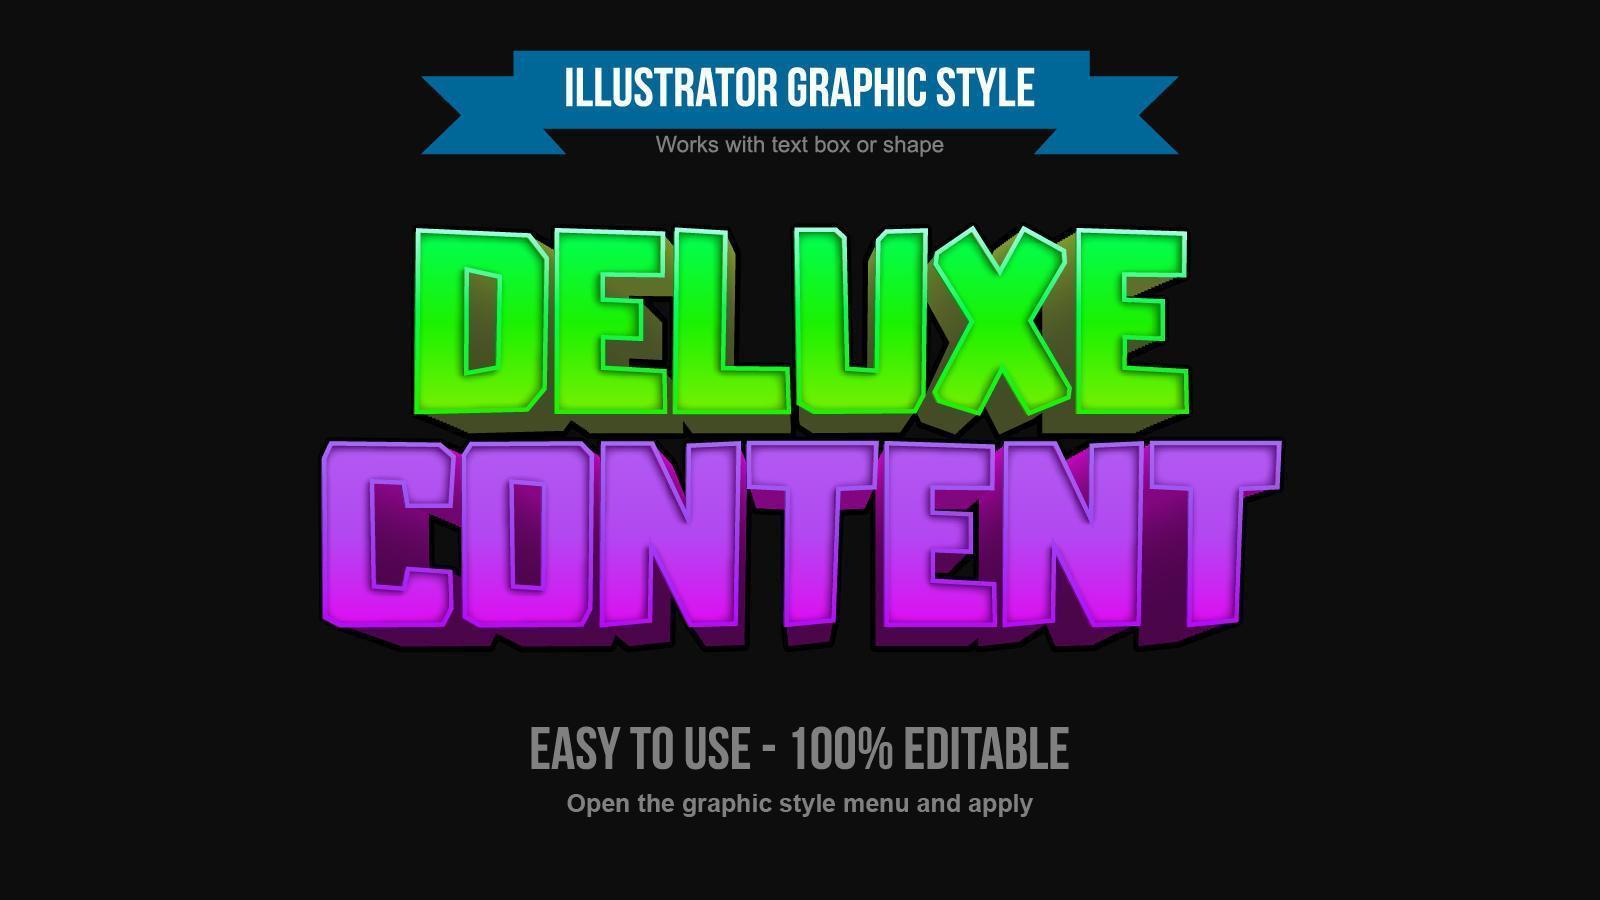 styles de texte caricatural 3d vert et violet lumineux vecteur